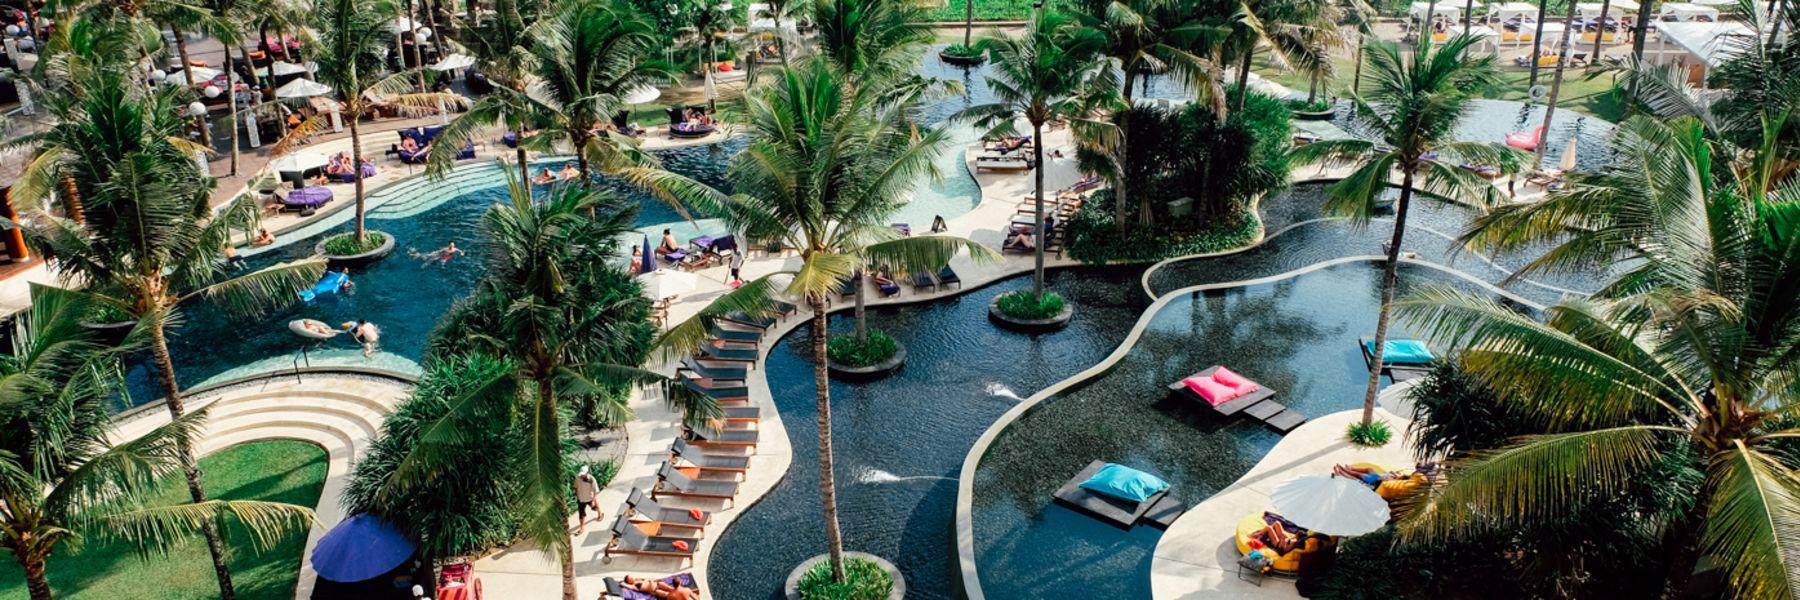 FIT @W Bali Seminyak image